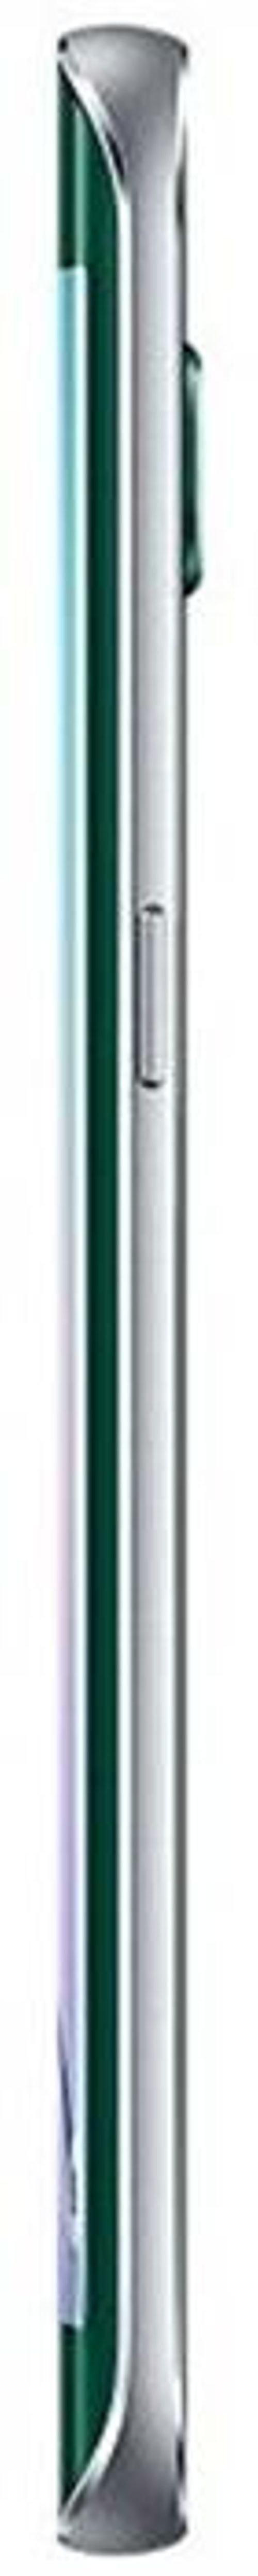 طرف موبايل سامسونج جلاكسي اس 6 ادج 32 جيجابايت اخضر